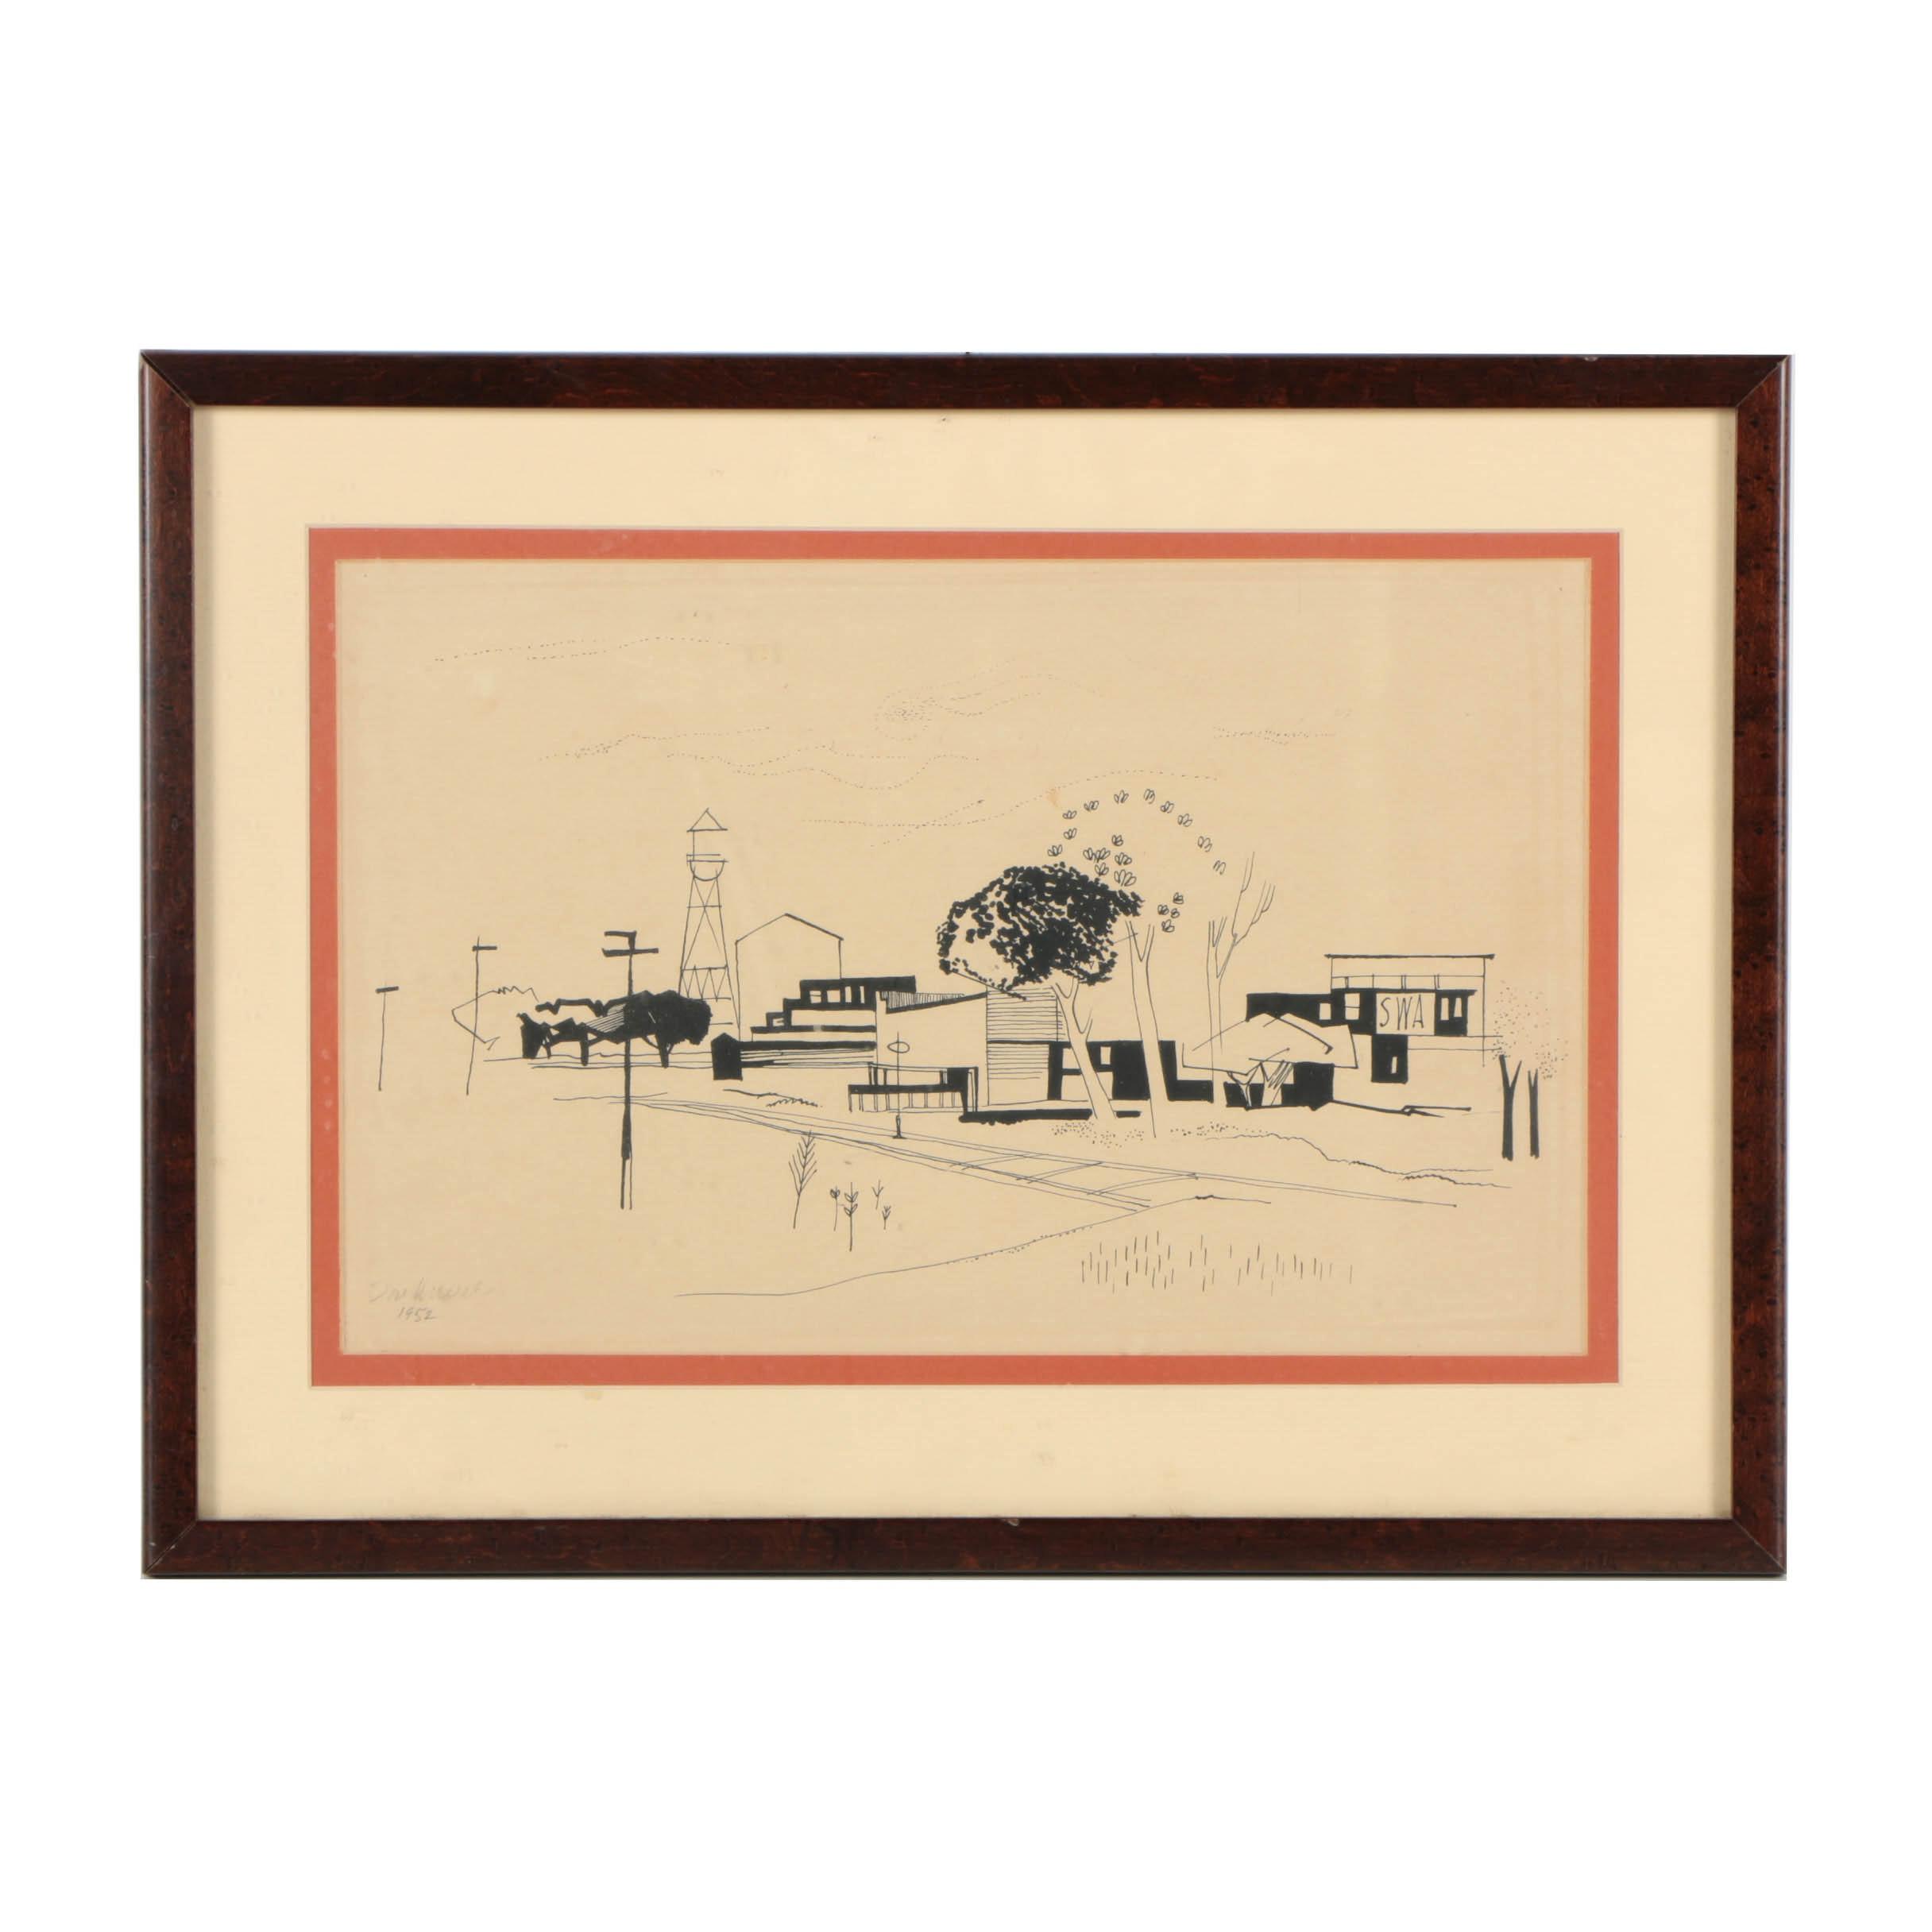 Don Werner Ink Architectural Landscape on Paper